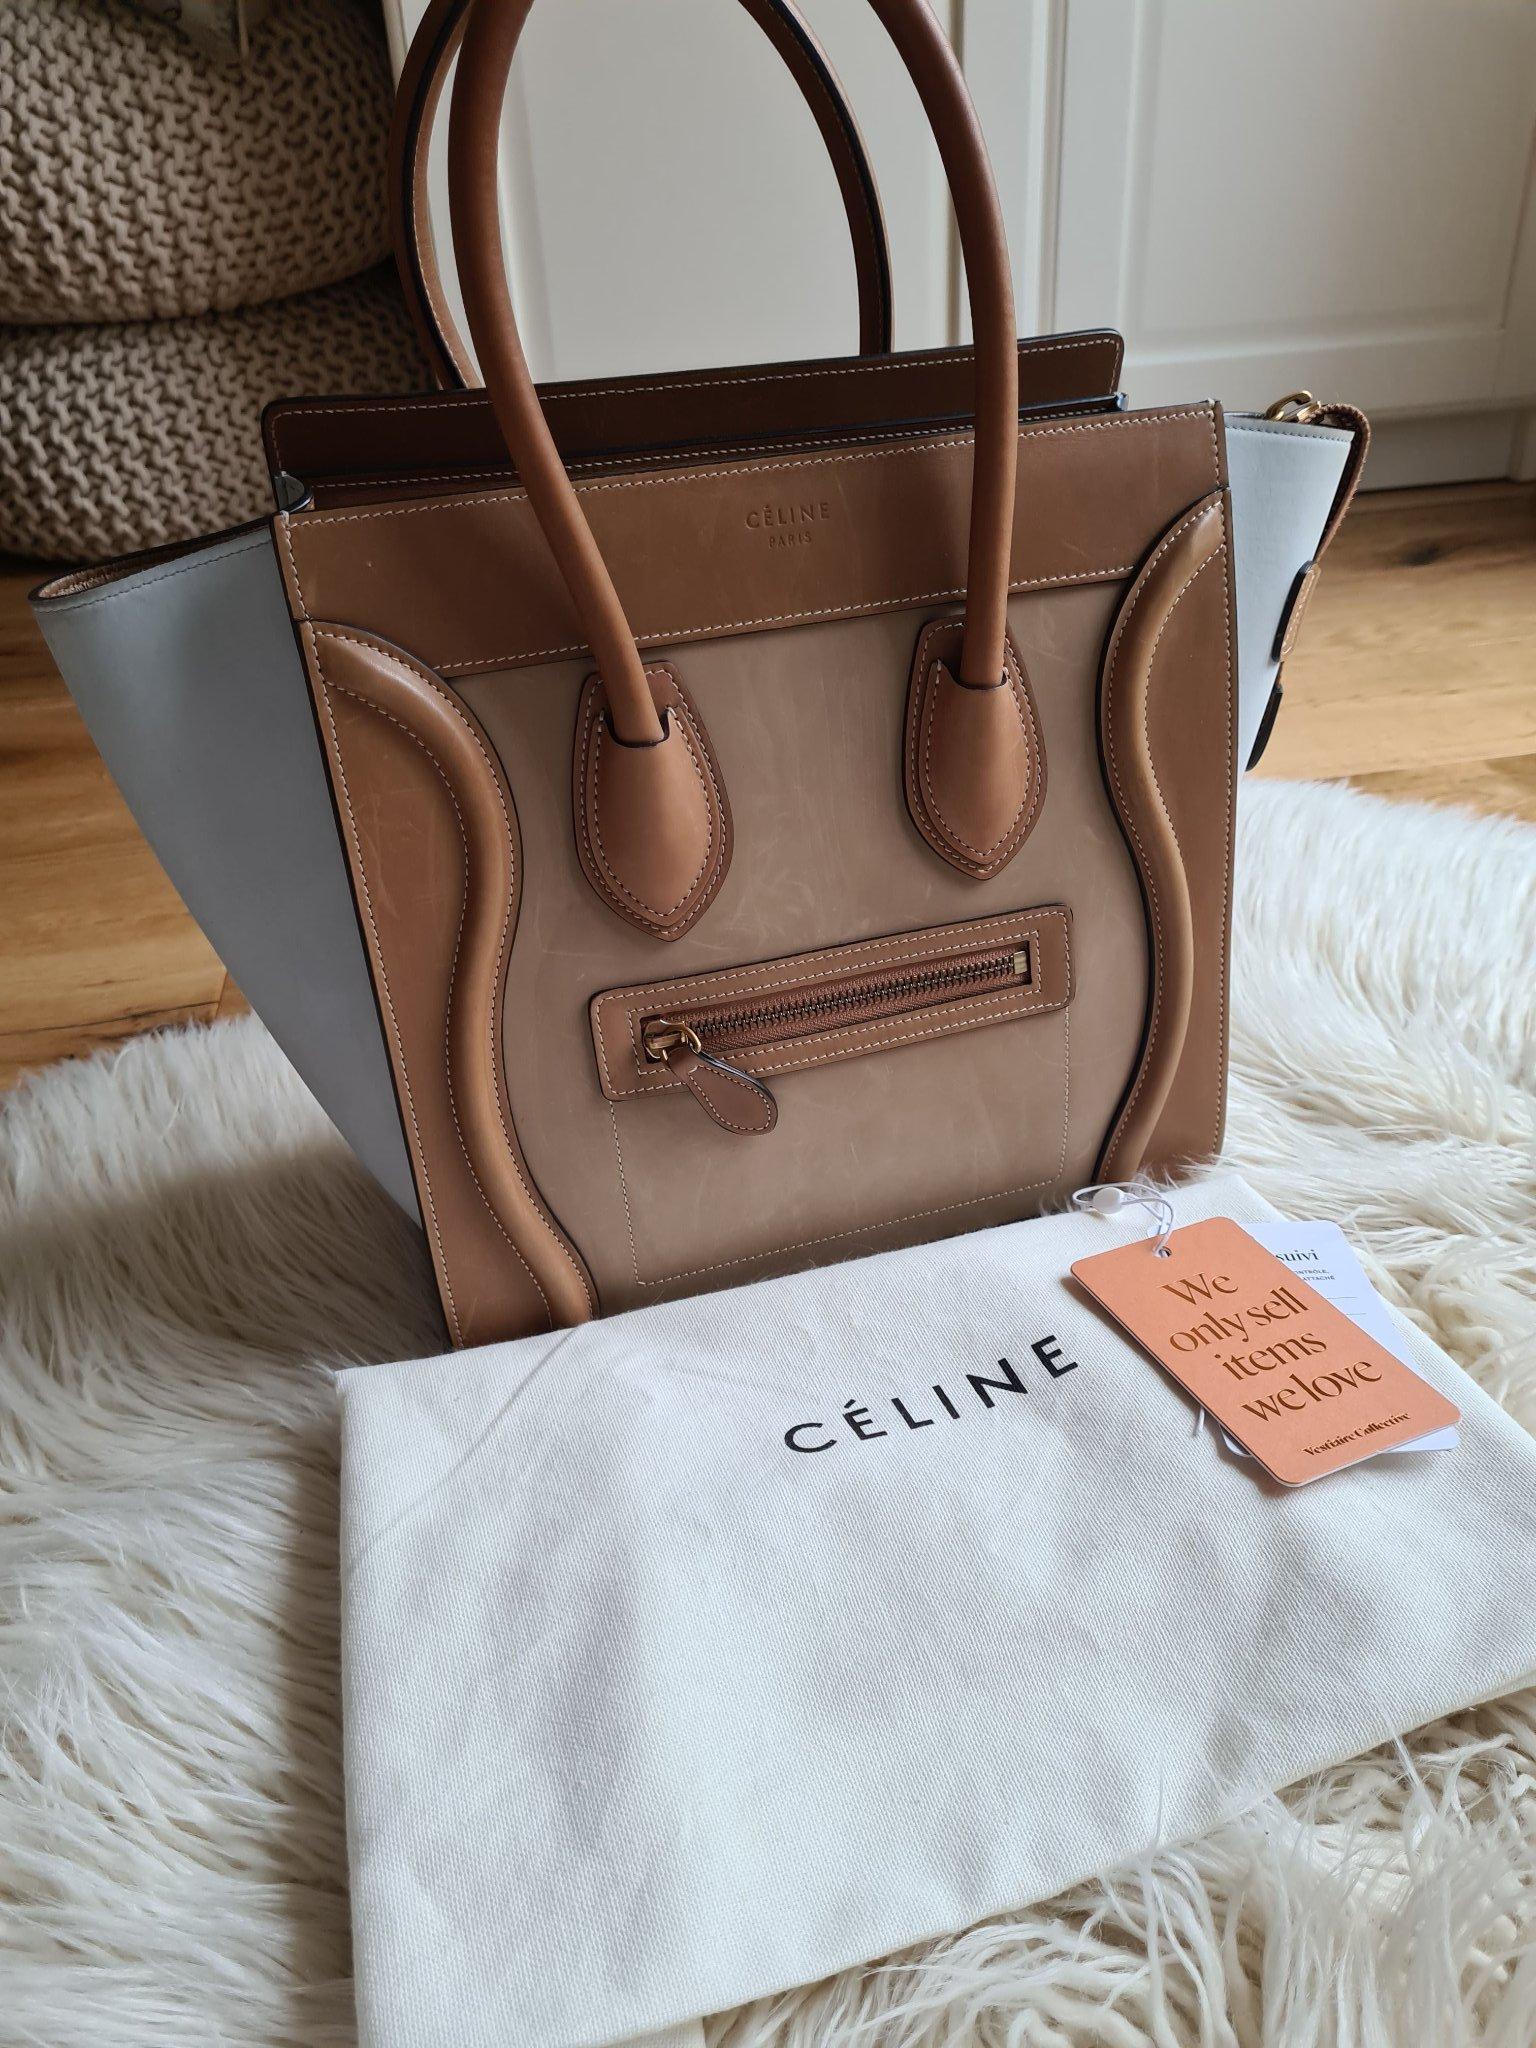 Celine micro luggage väska ekbrun beige kalvskinn